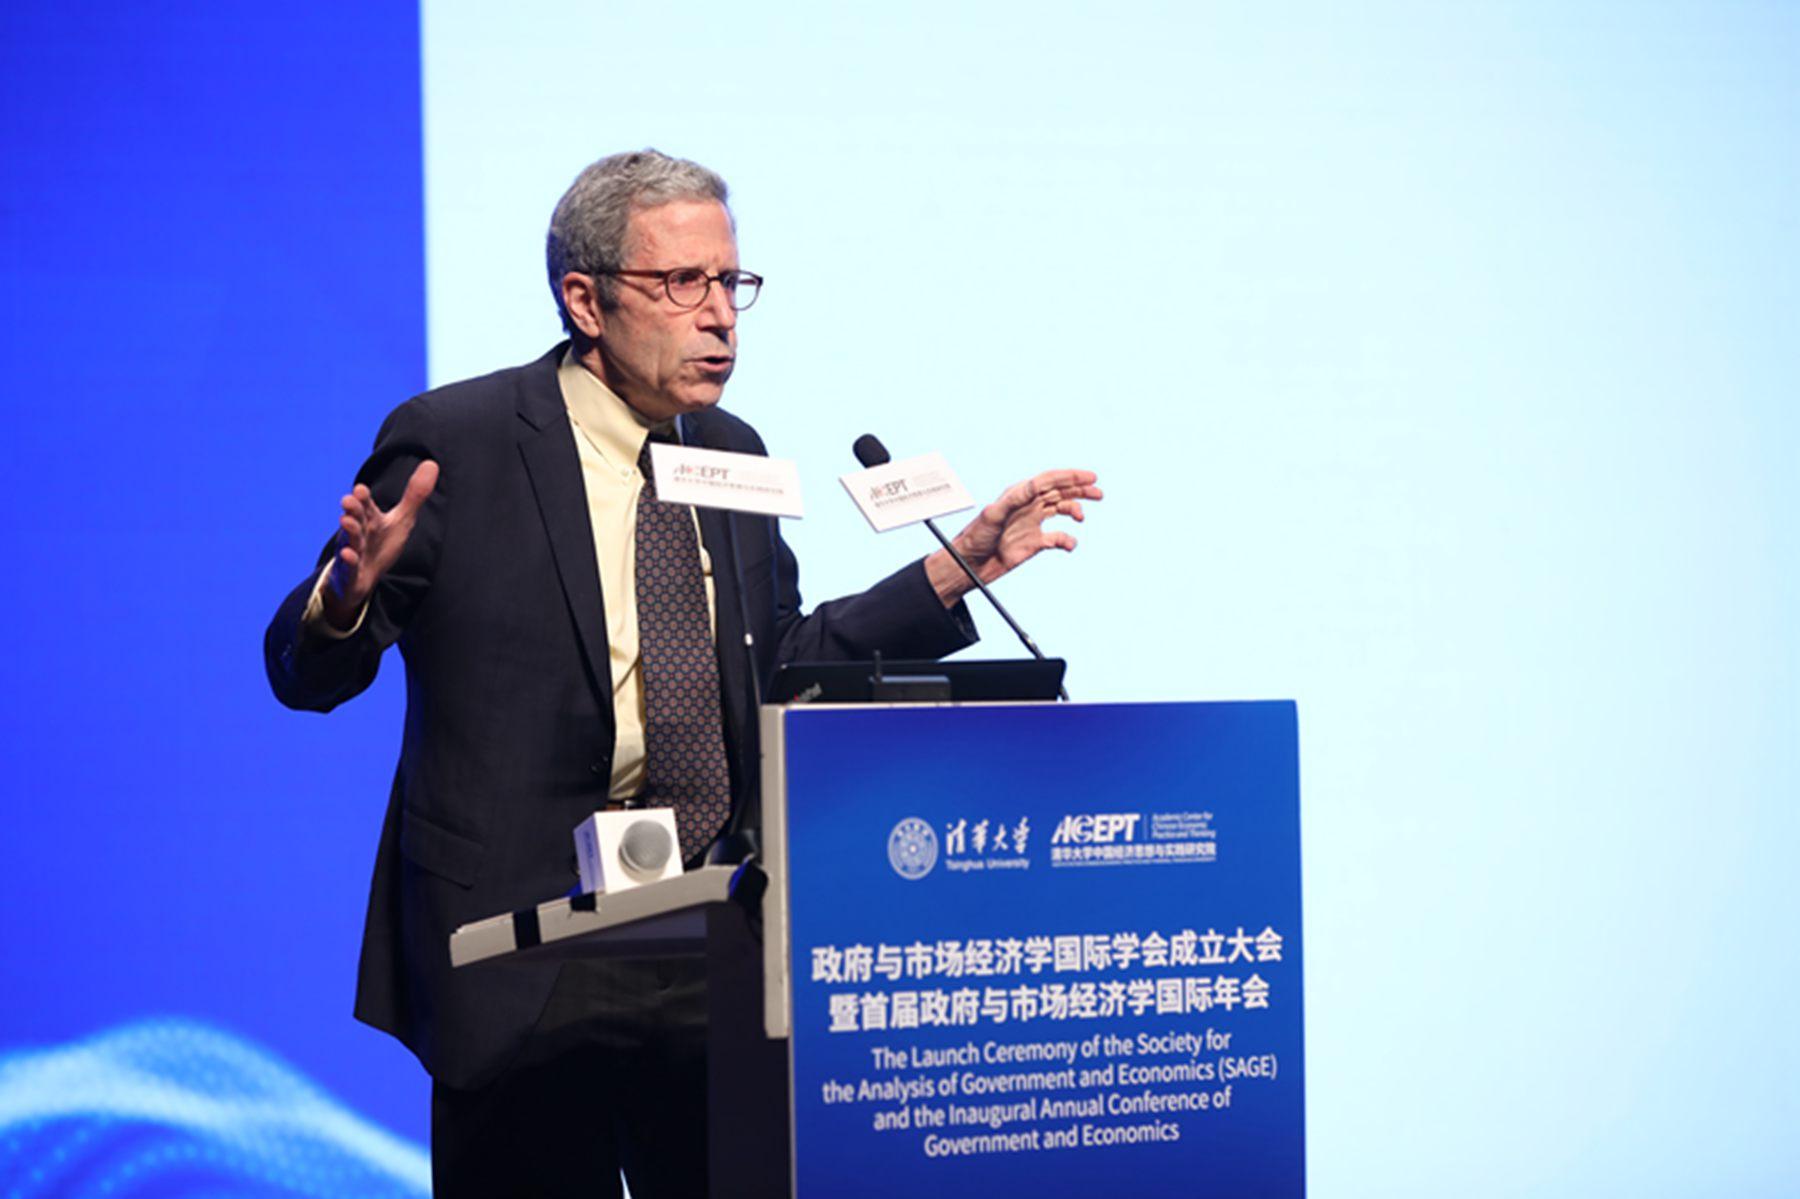 诺奖得主马斯金:中国PPP公私合作是非常天才的安排